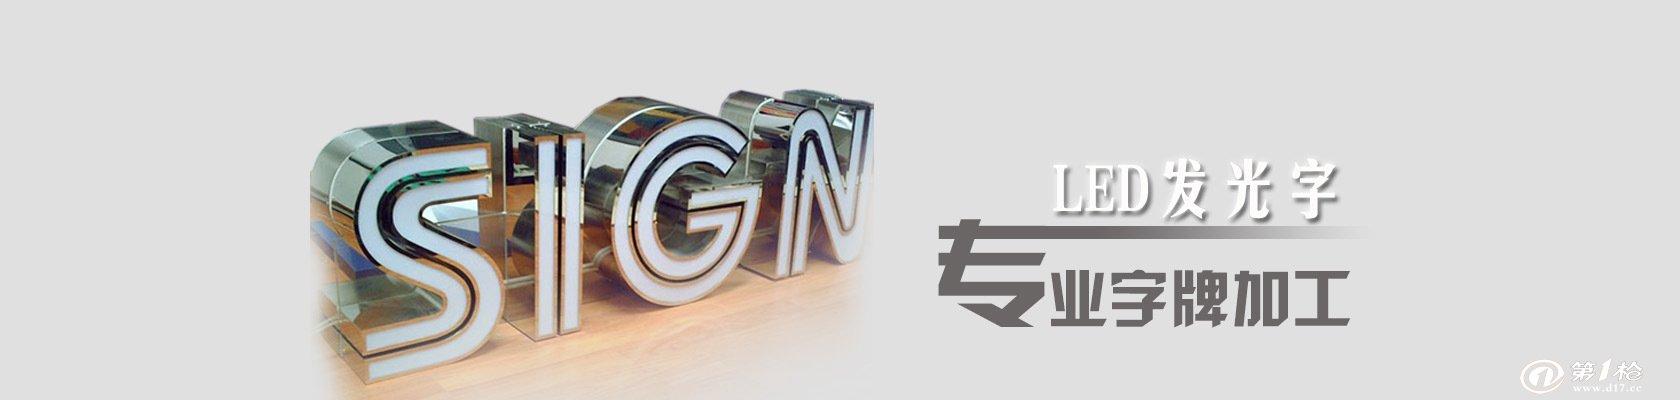 供应方兴广告雪弗雕刻字雪弗板雕刻字定做 氟碳烤漆字